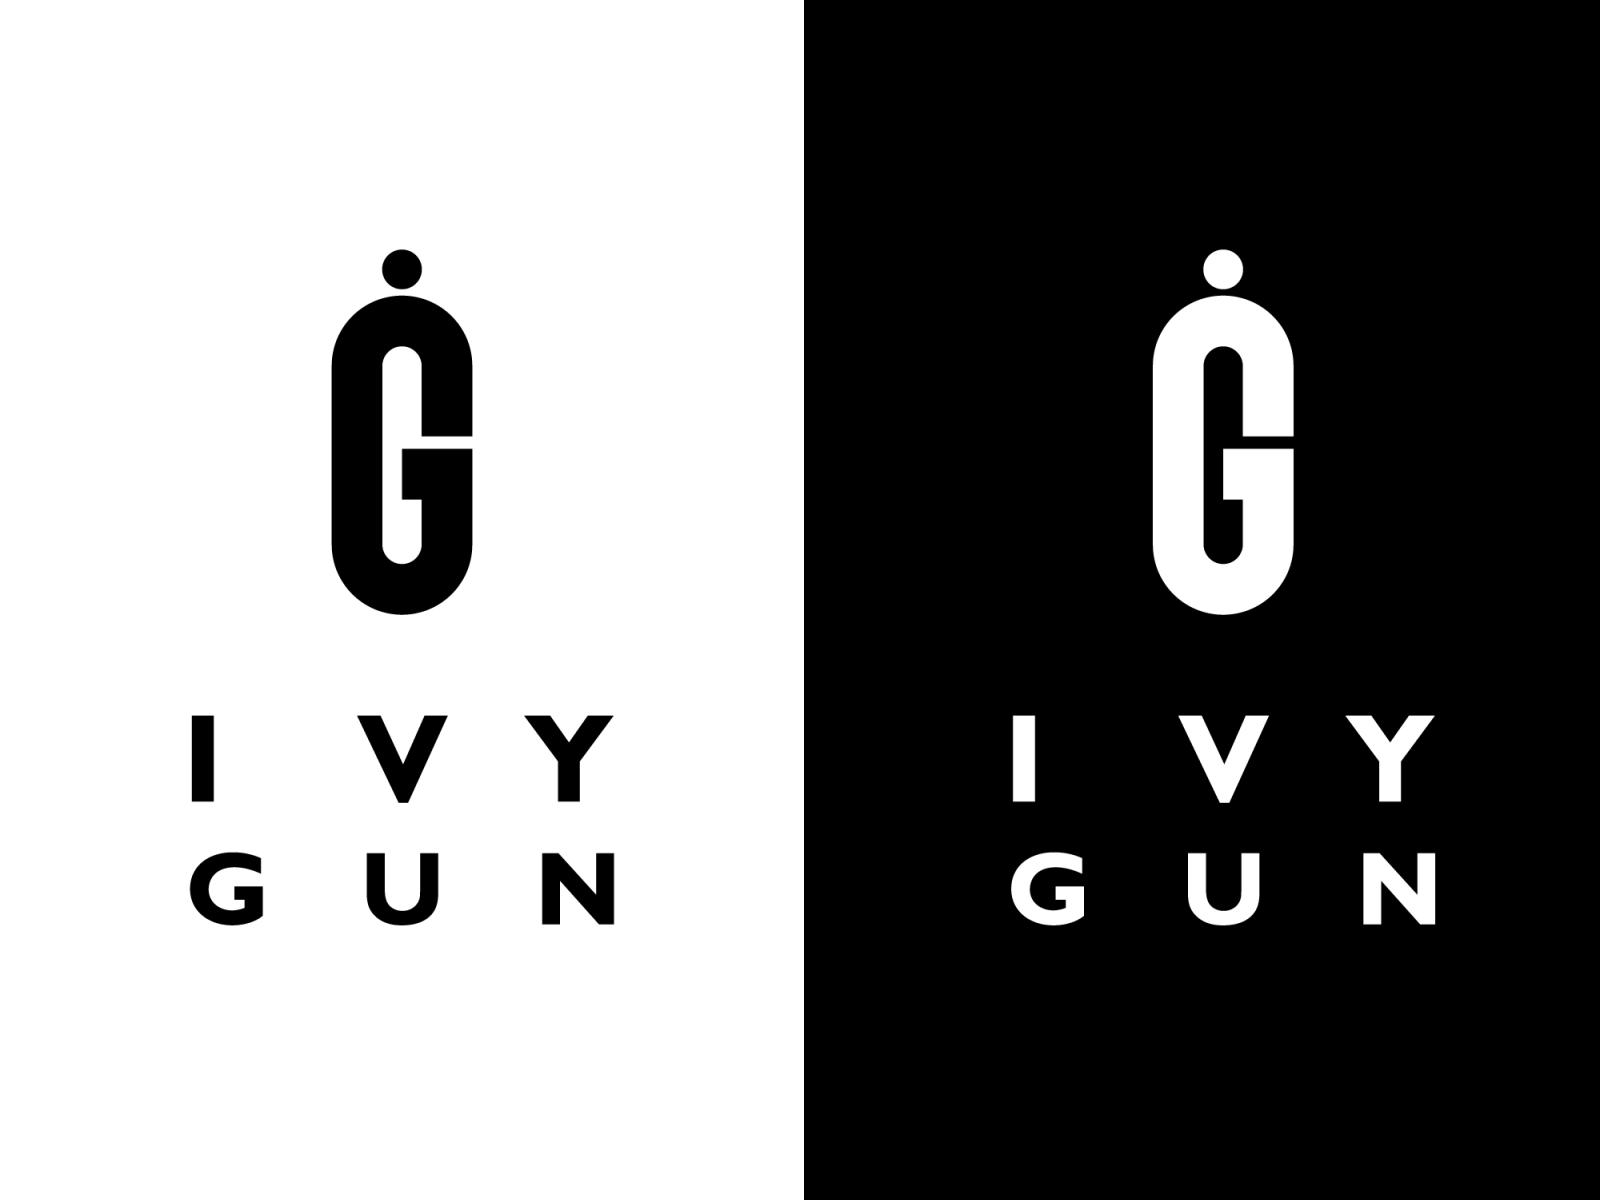 Ivy Gun - Logo Design by Toni Gabrić on Dribbble